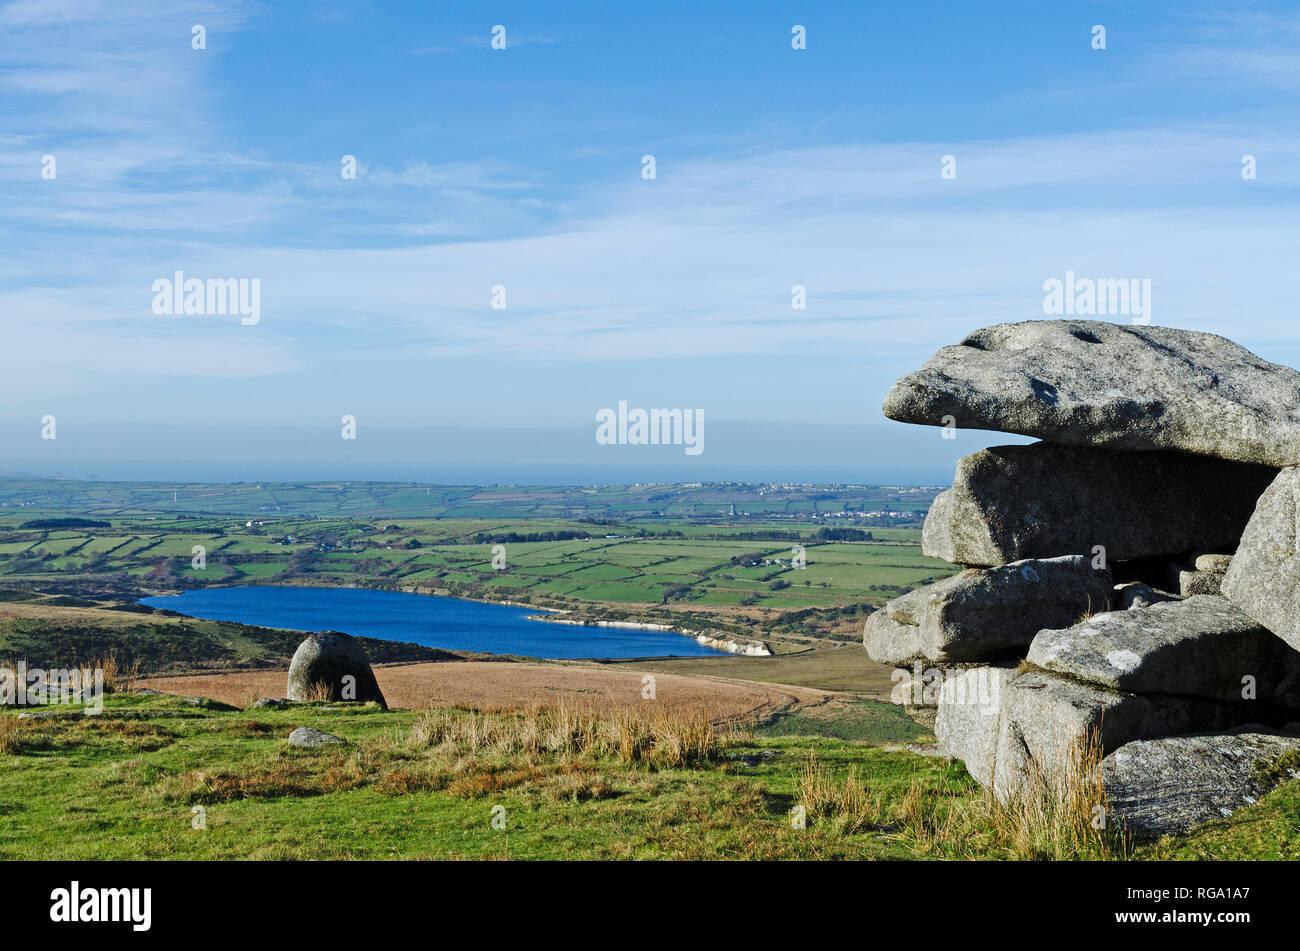 bodmin moor, cornwall, england, uk. - Stock Image